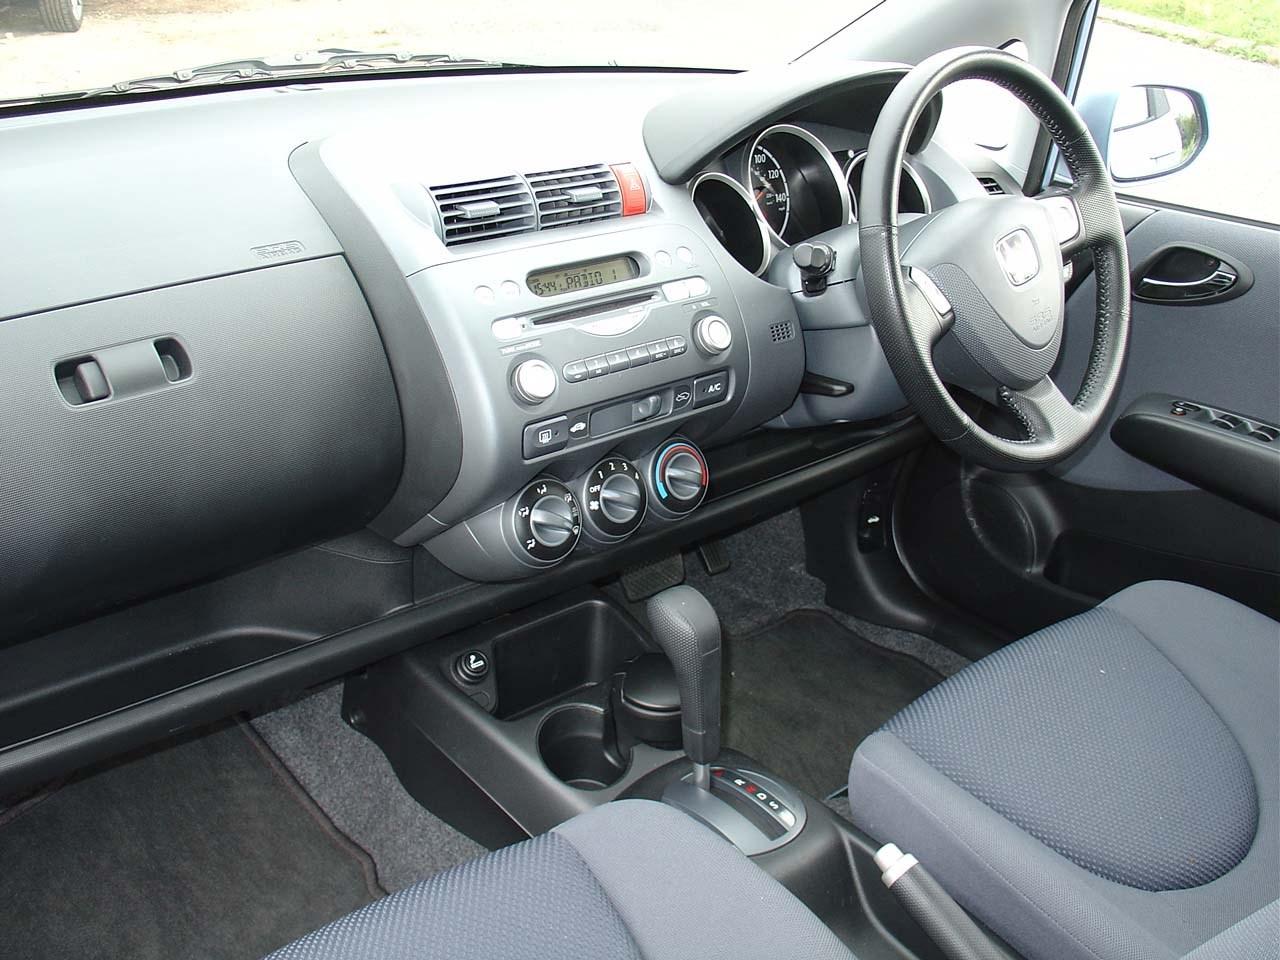 Image Result For Honda Hrv Interiora